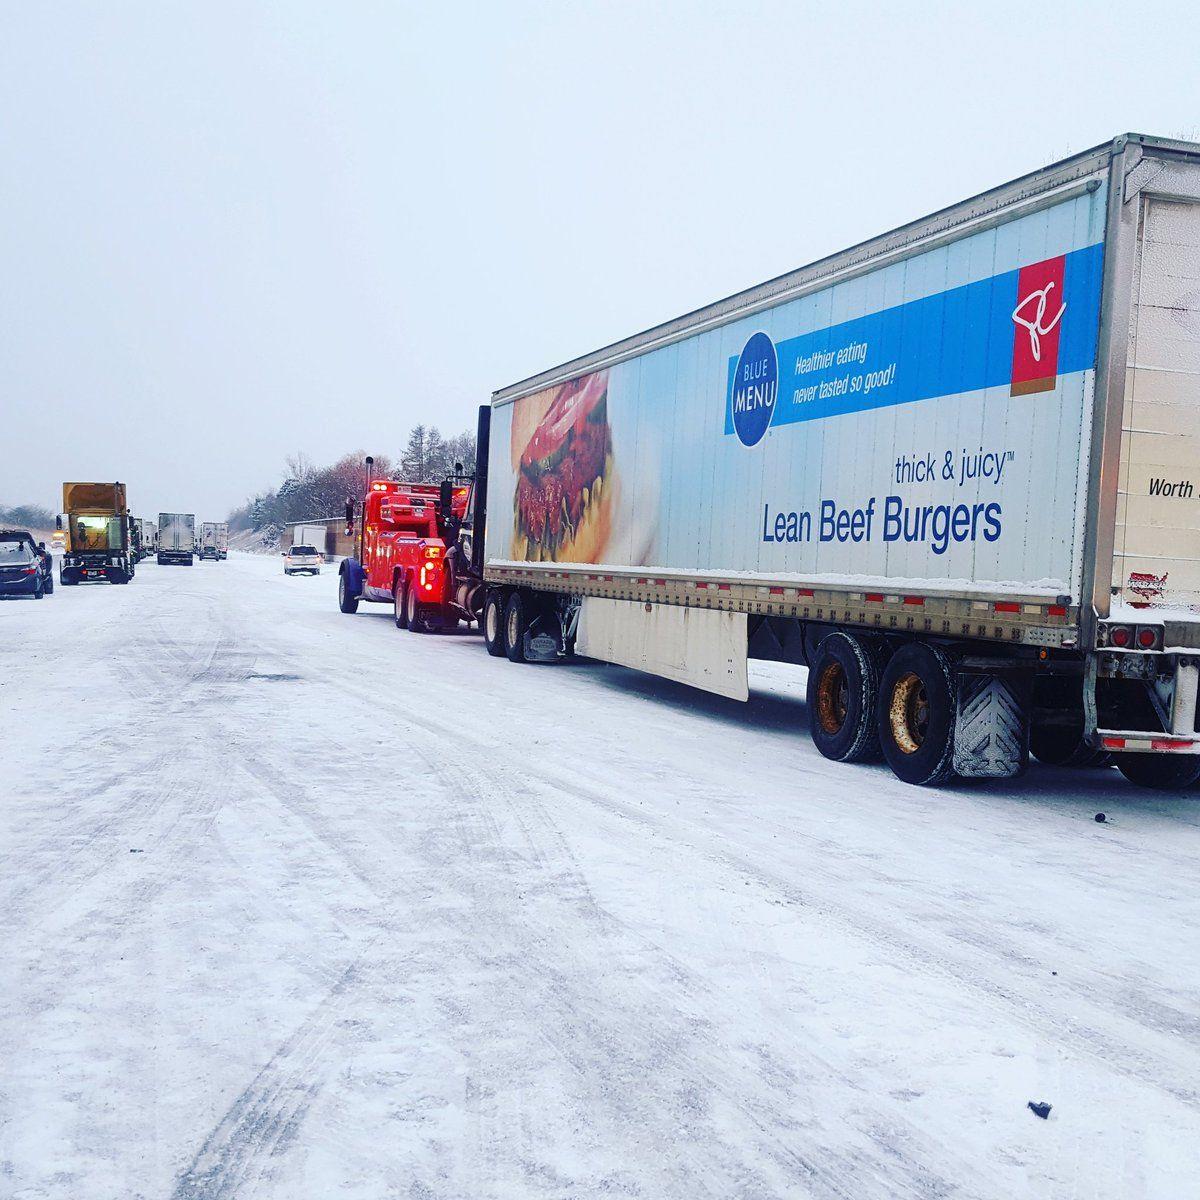 Снегопад стал первопричиной столкновения неменее 100 авто под Торонто